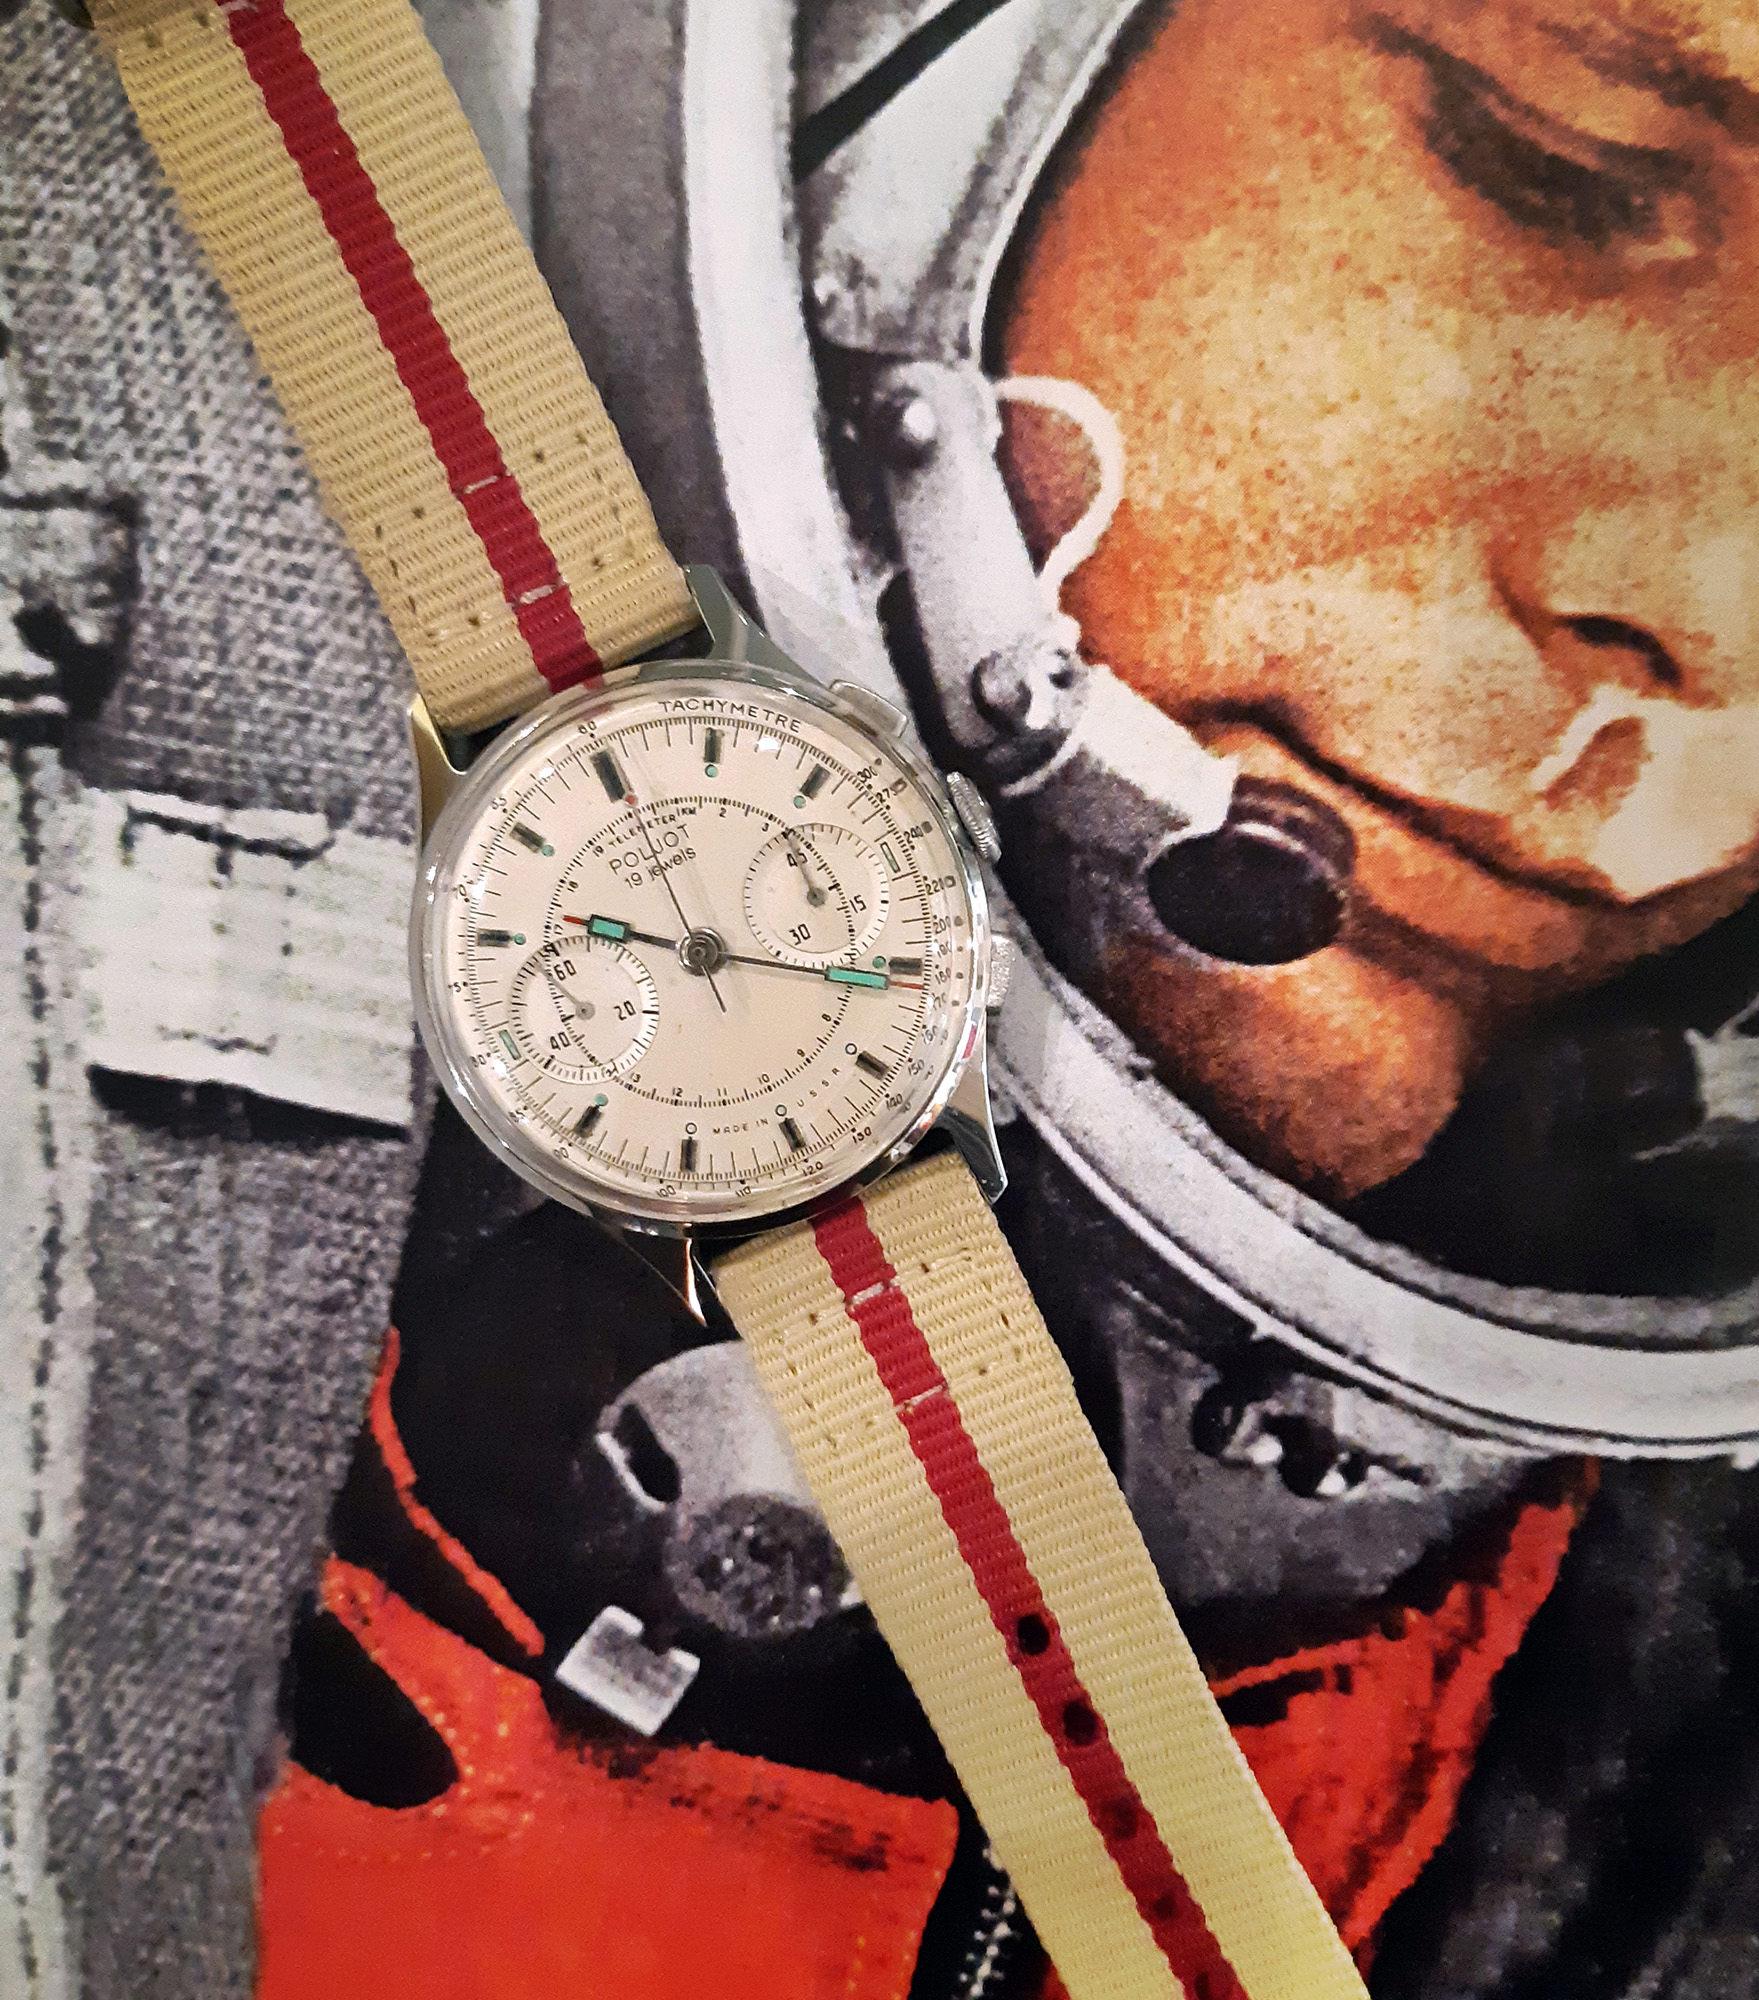 La montre russe du jour  - Page 20 20191217